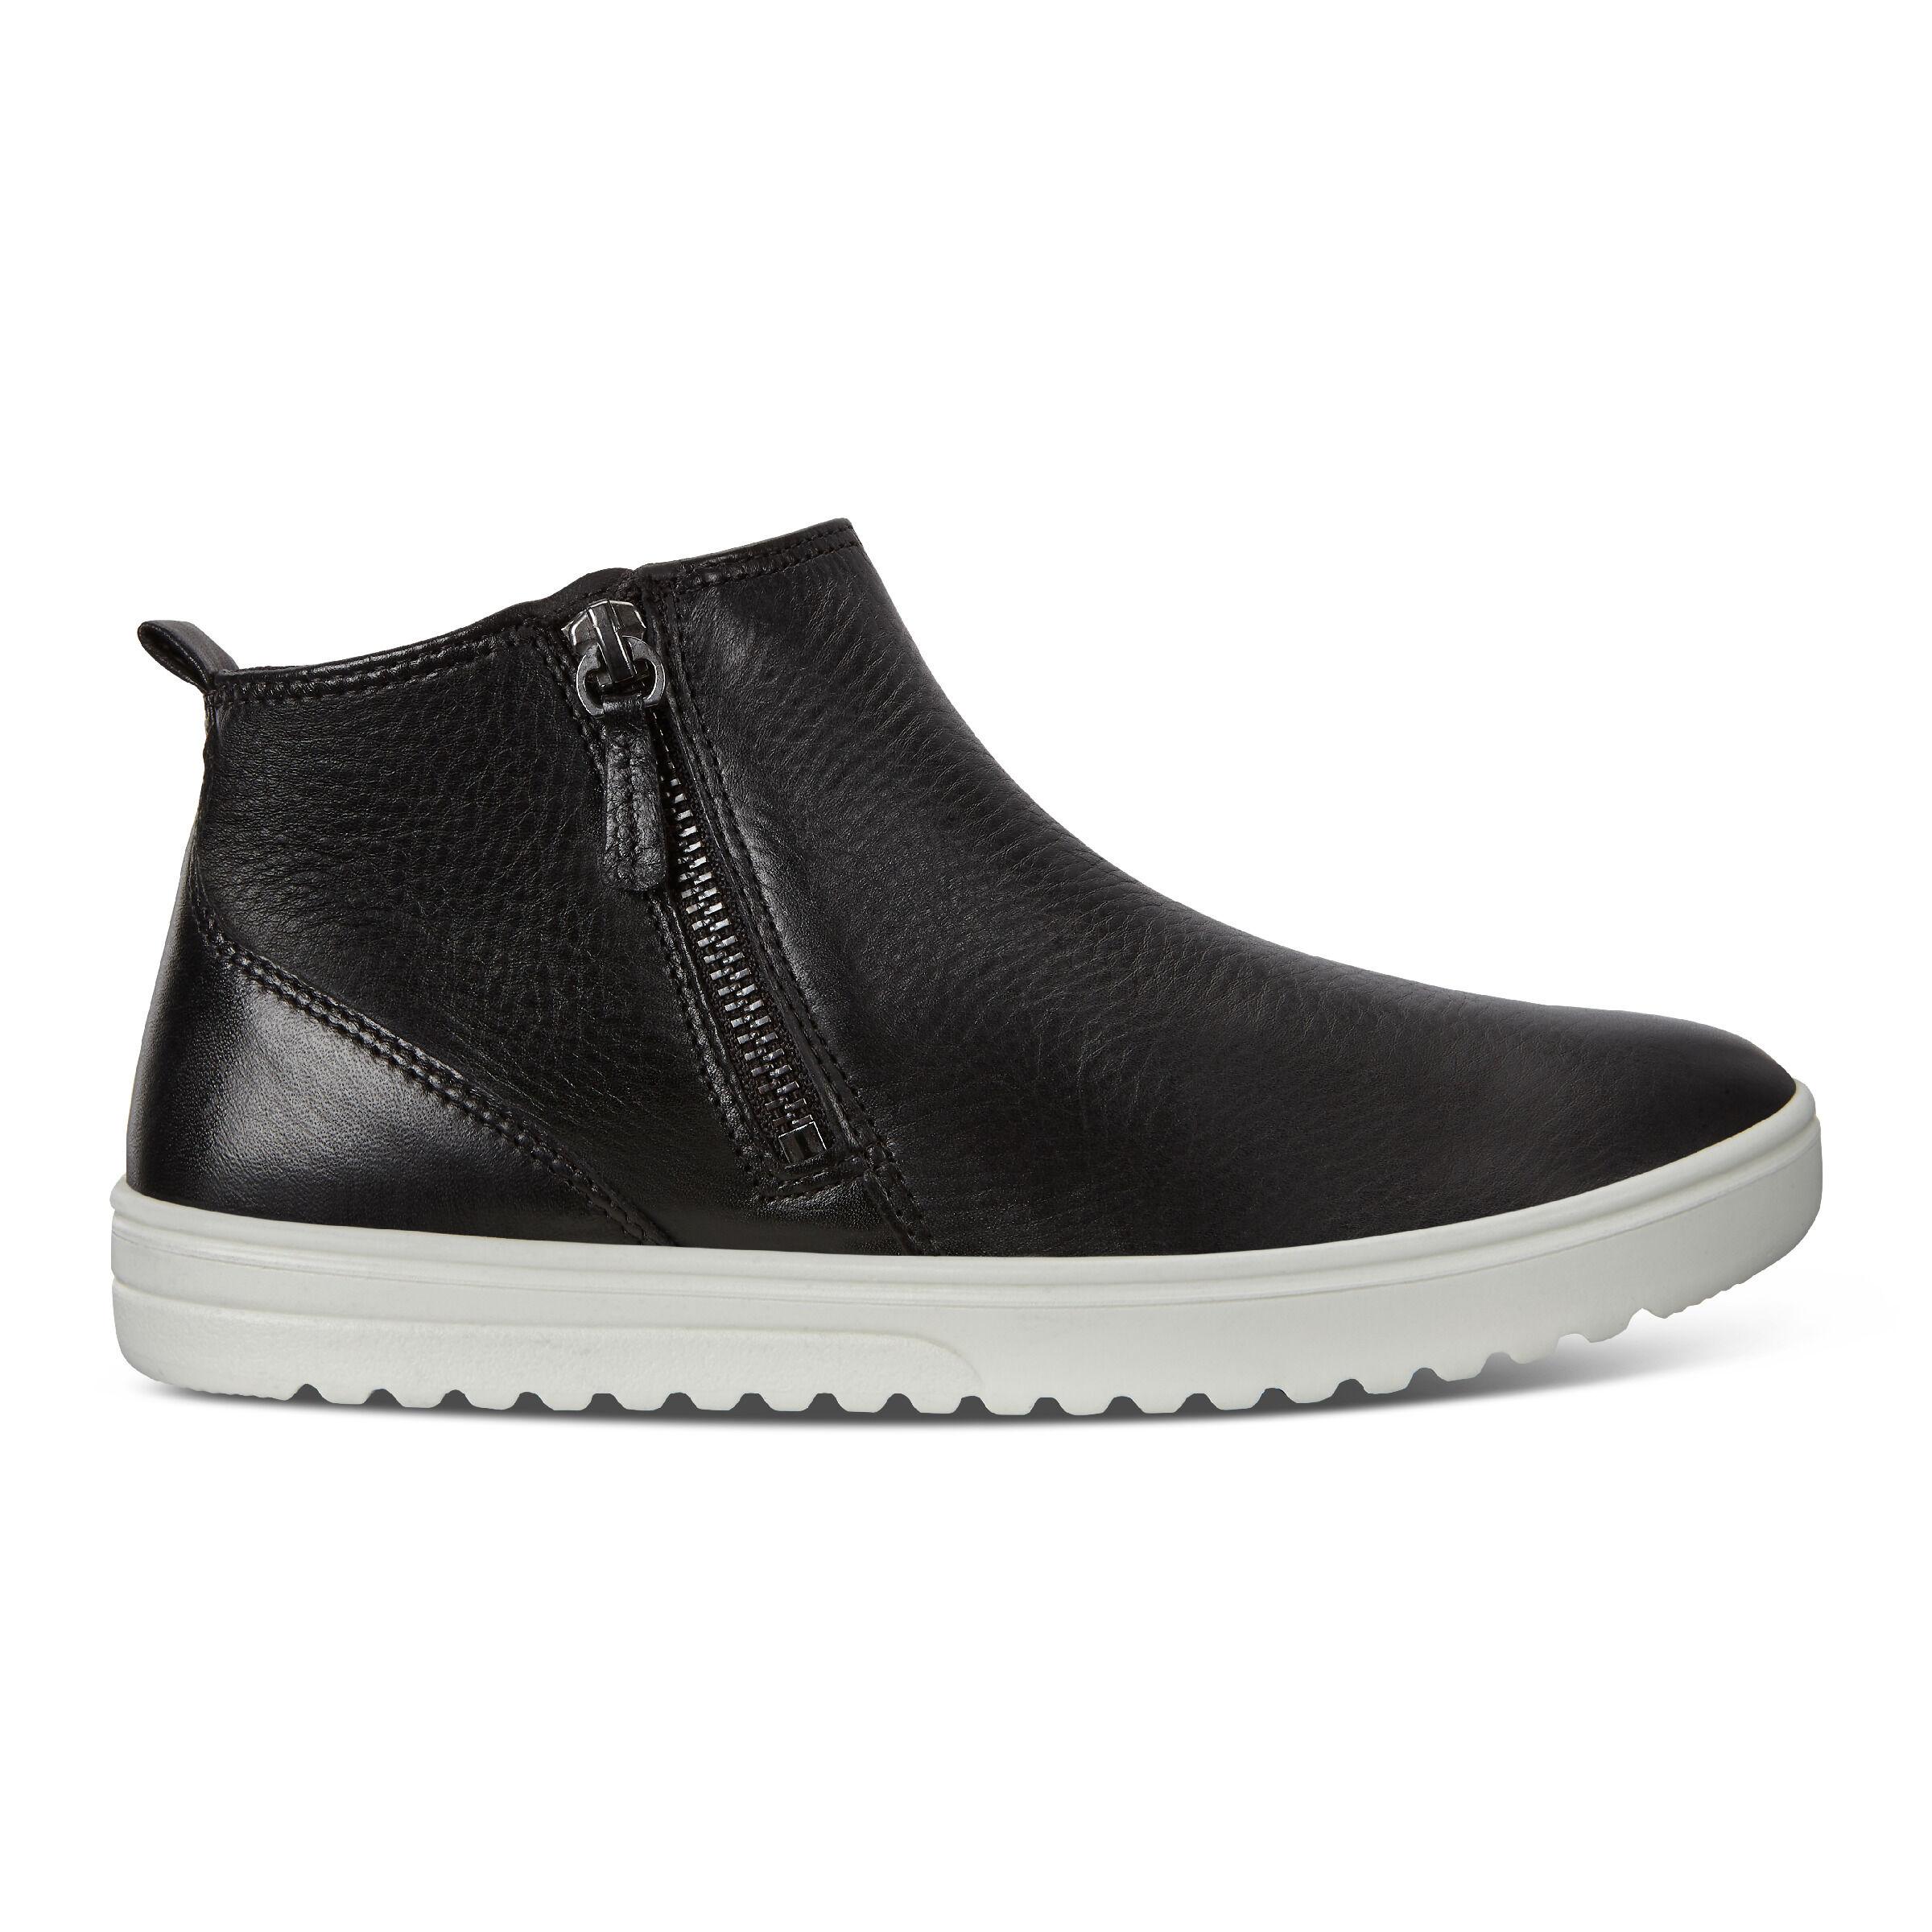 ECCO Fara Ankle Boot